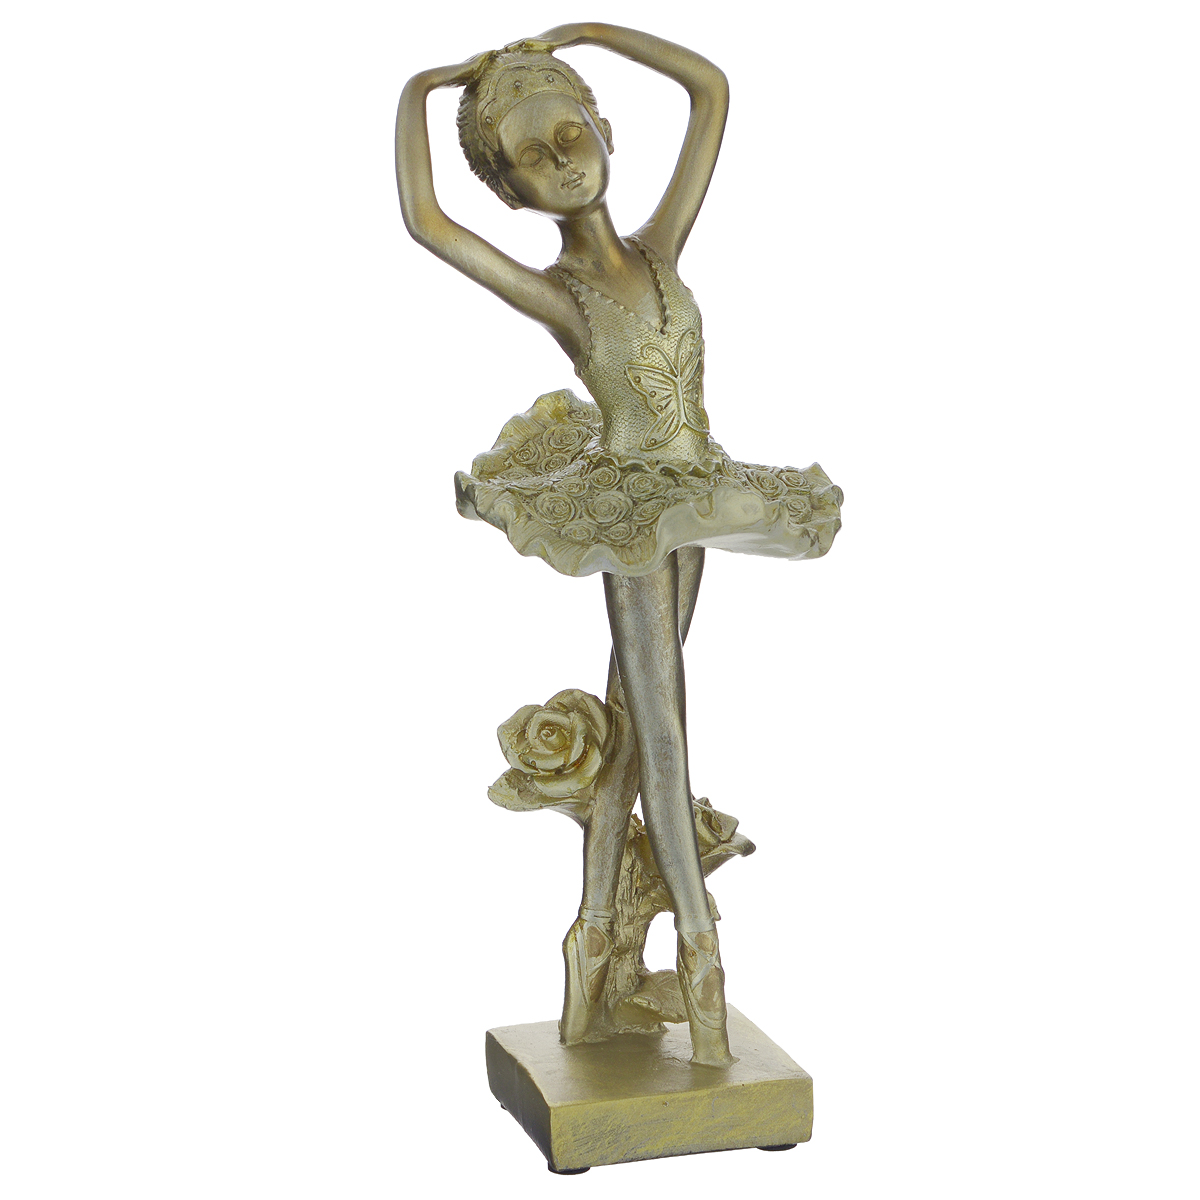 Фигурка декоративная Molento Маленькая балерина, высота 26 см фигурка балерина 10 см 2 шт